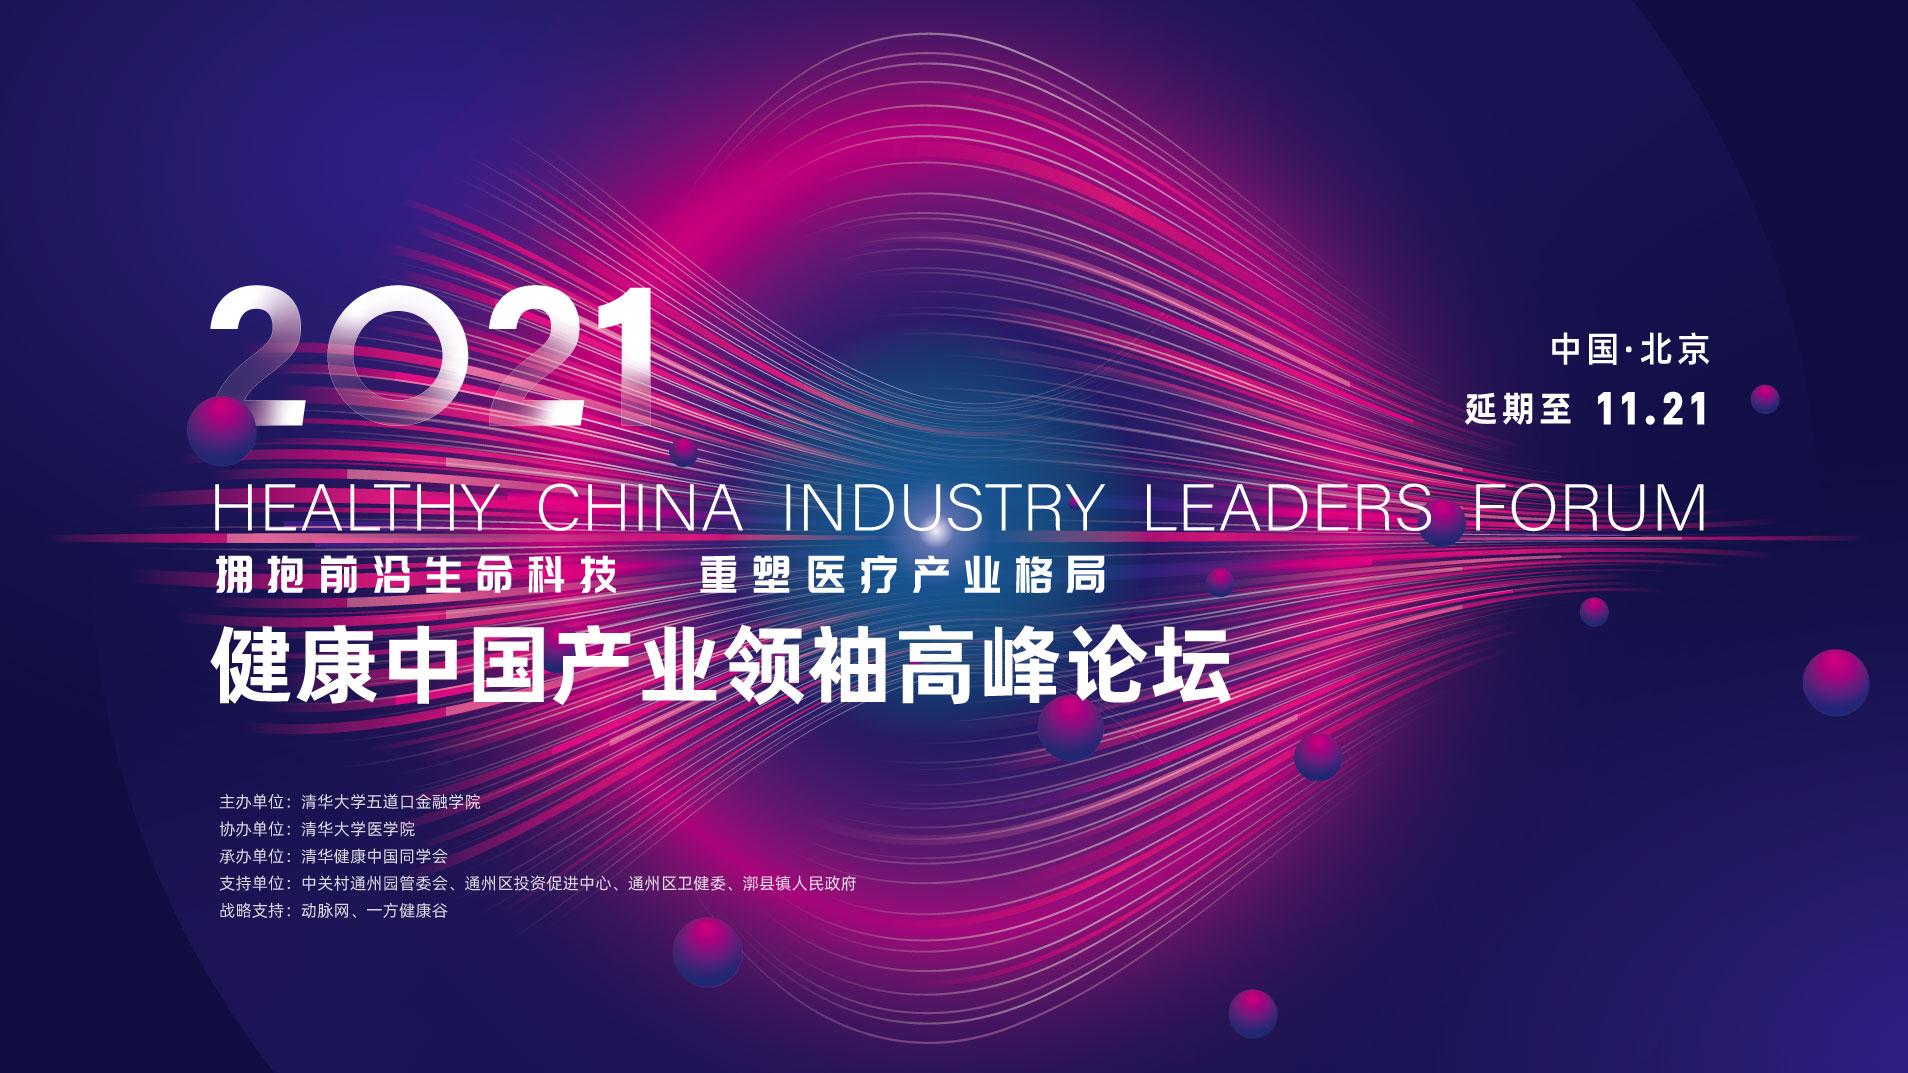 2021健康中国产业领袖高峰论坛